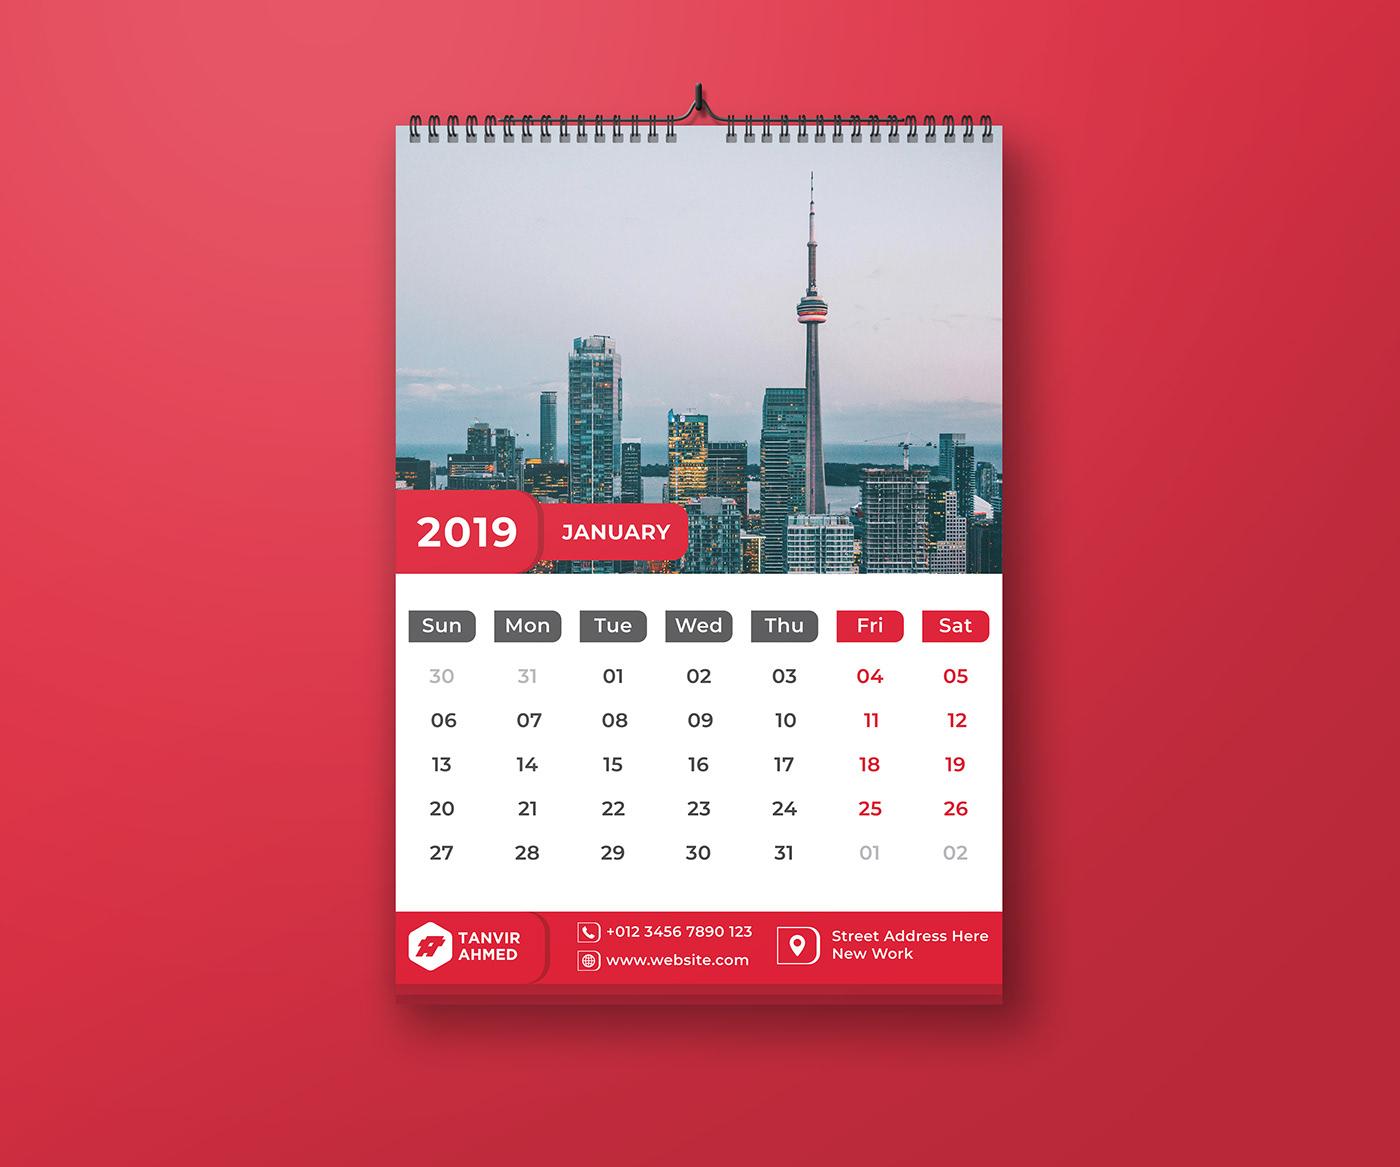 有獨特感的36個月曆設計欣賞